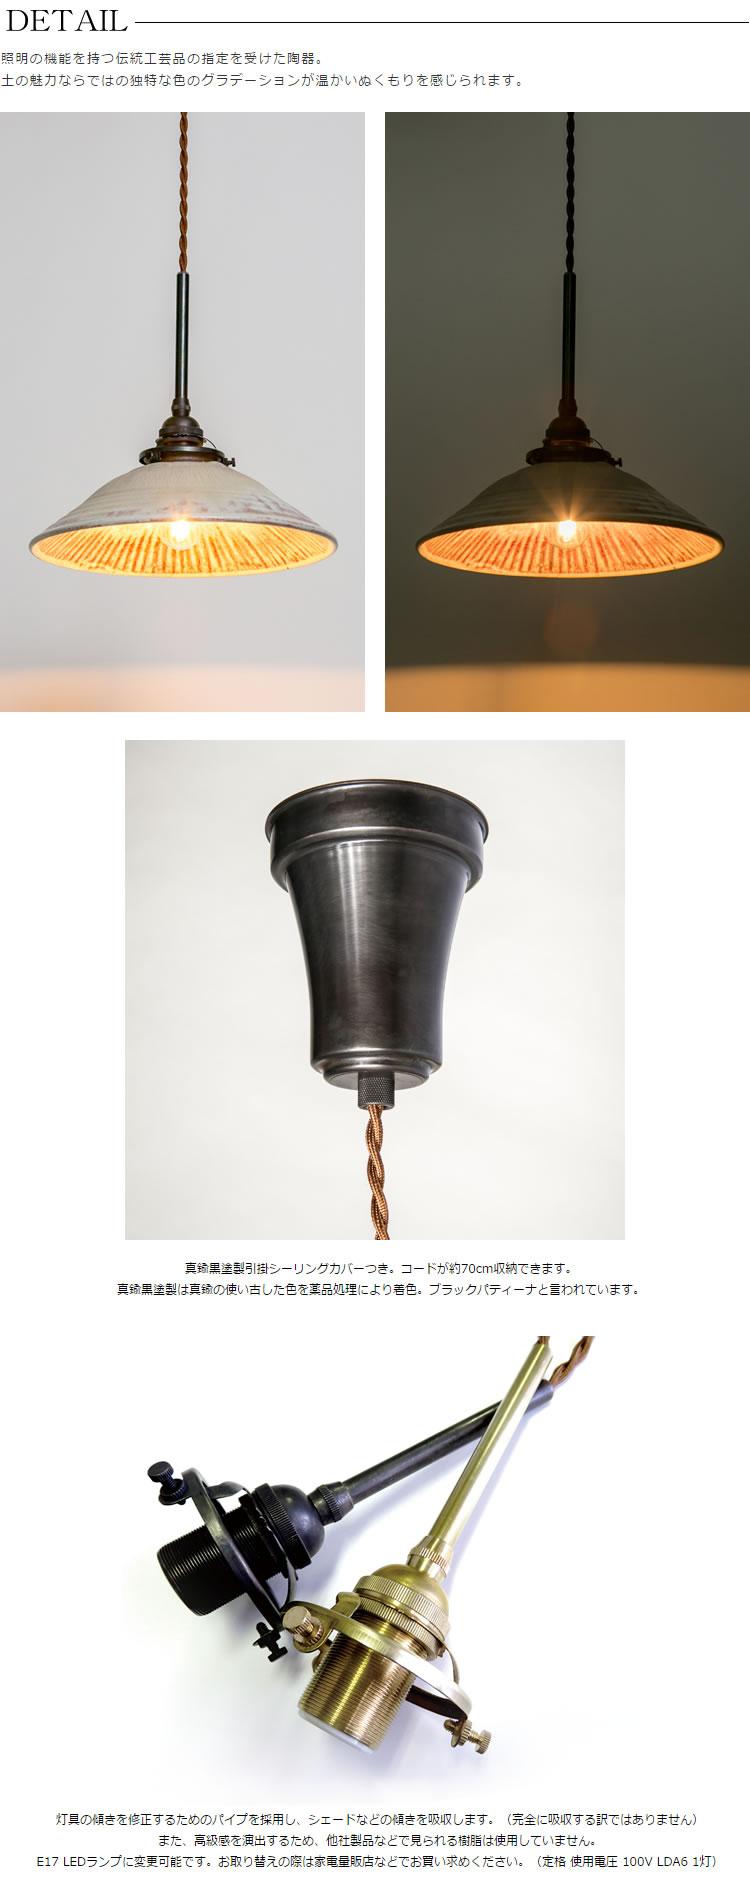 UTENA(茶模様陶器・引掛・真鍮黒染)